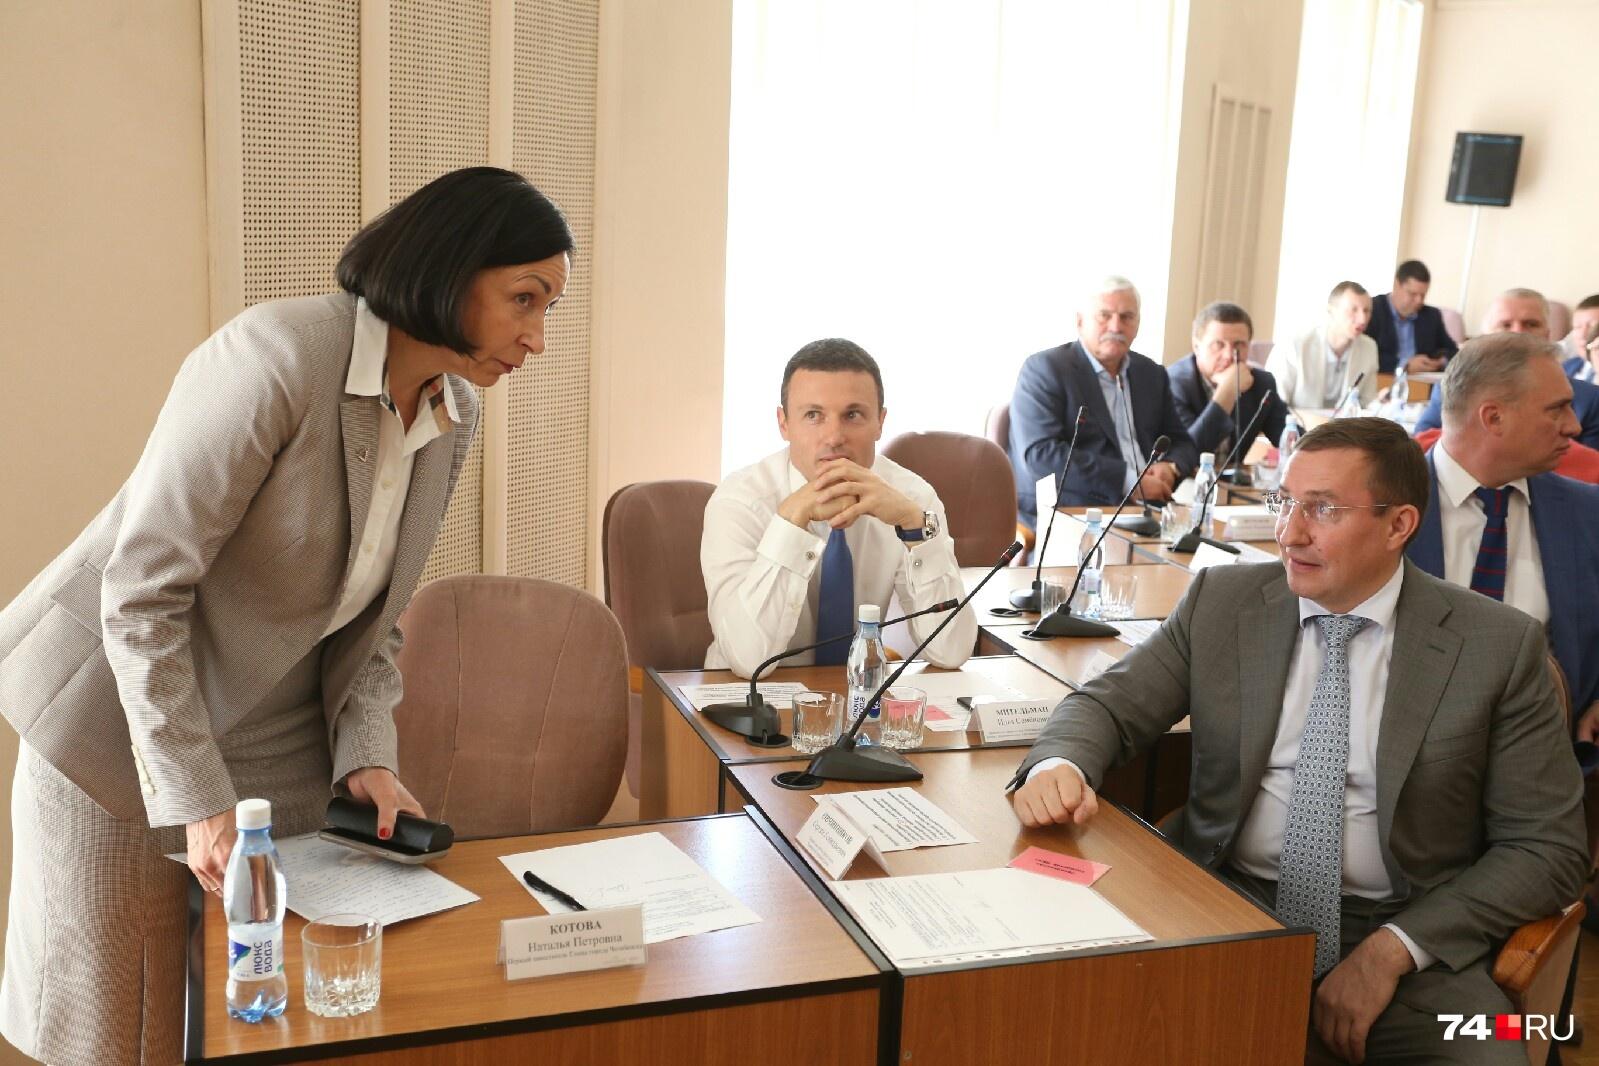 Наталья Котова — не загадка для депутатов. Все вместе работают не первый год